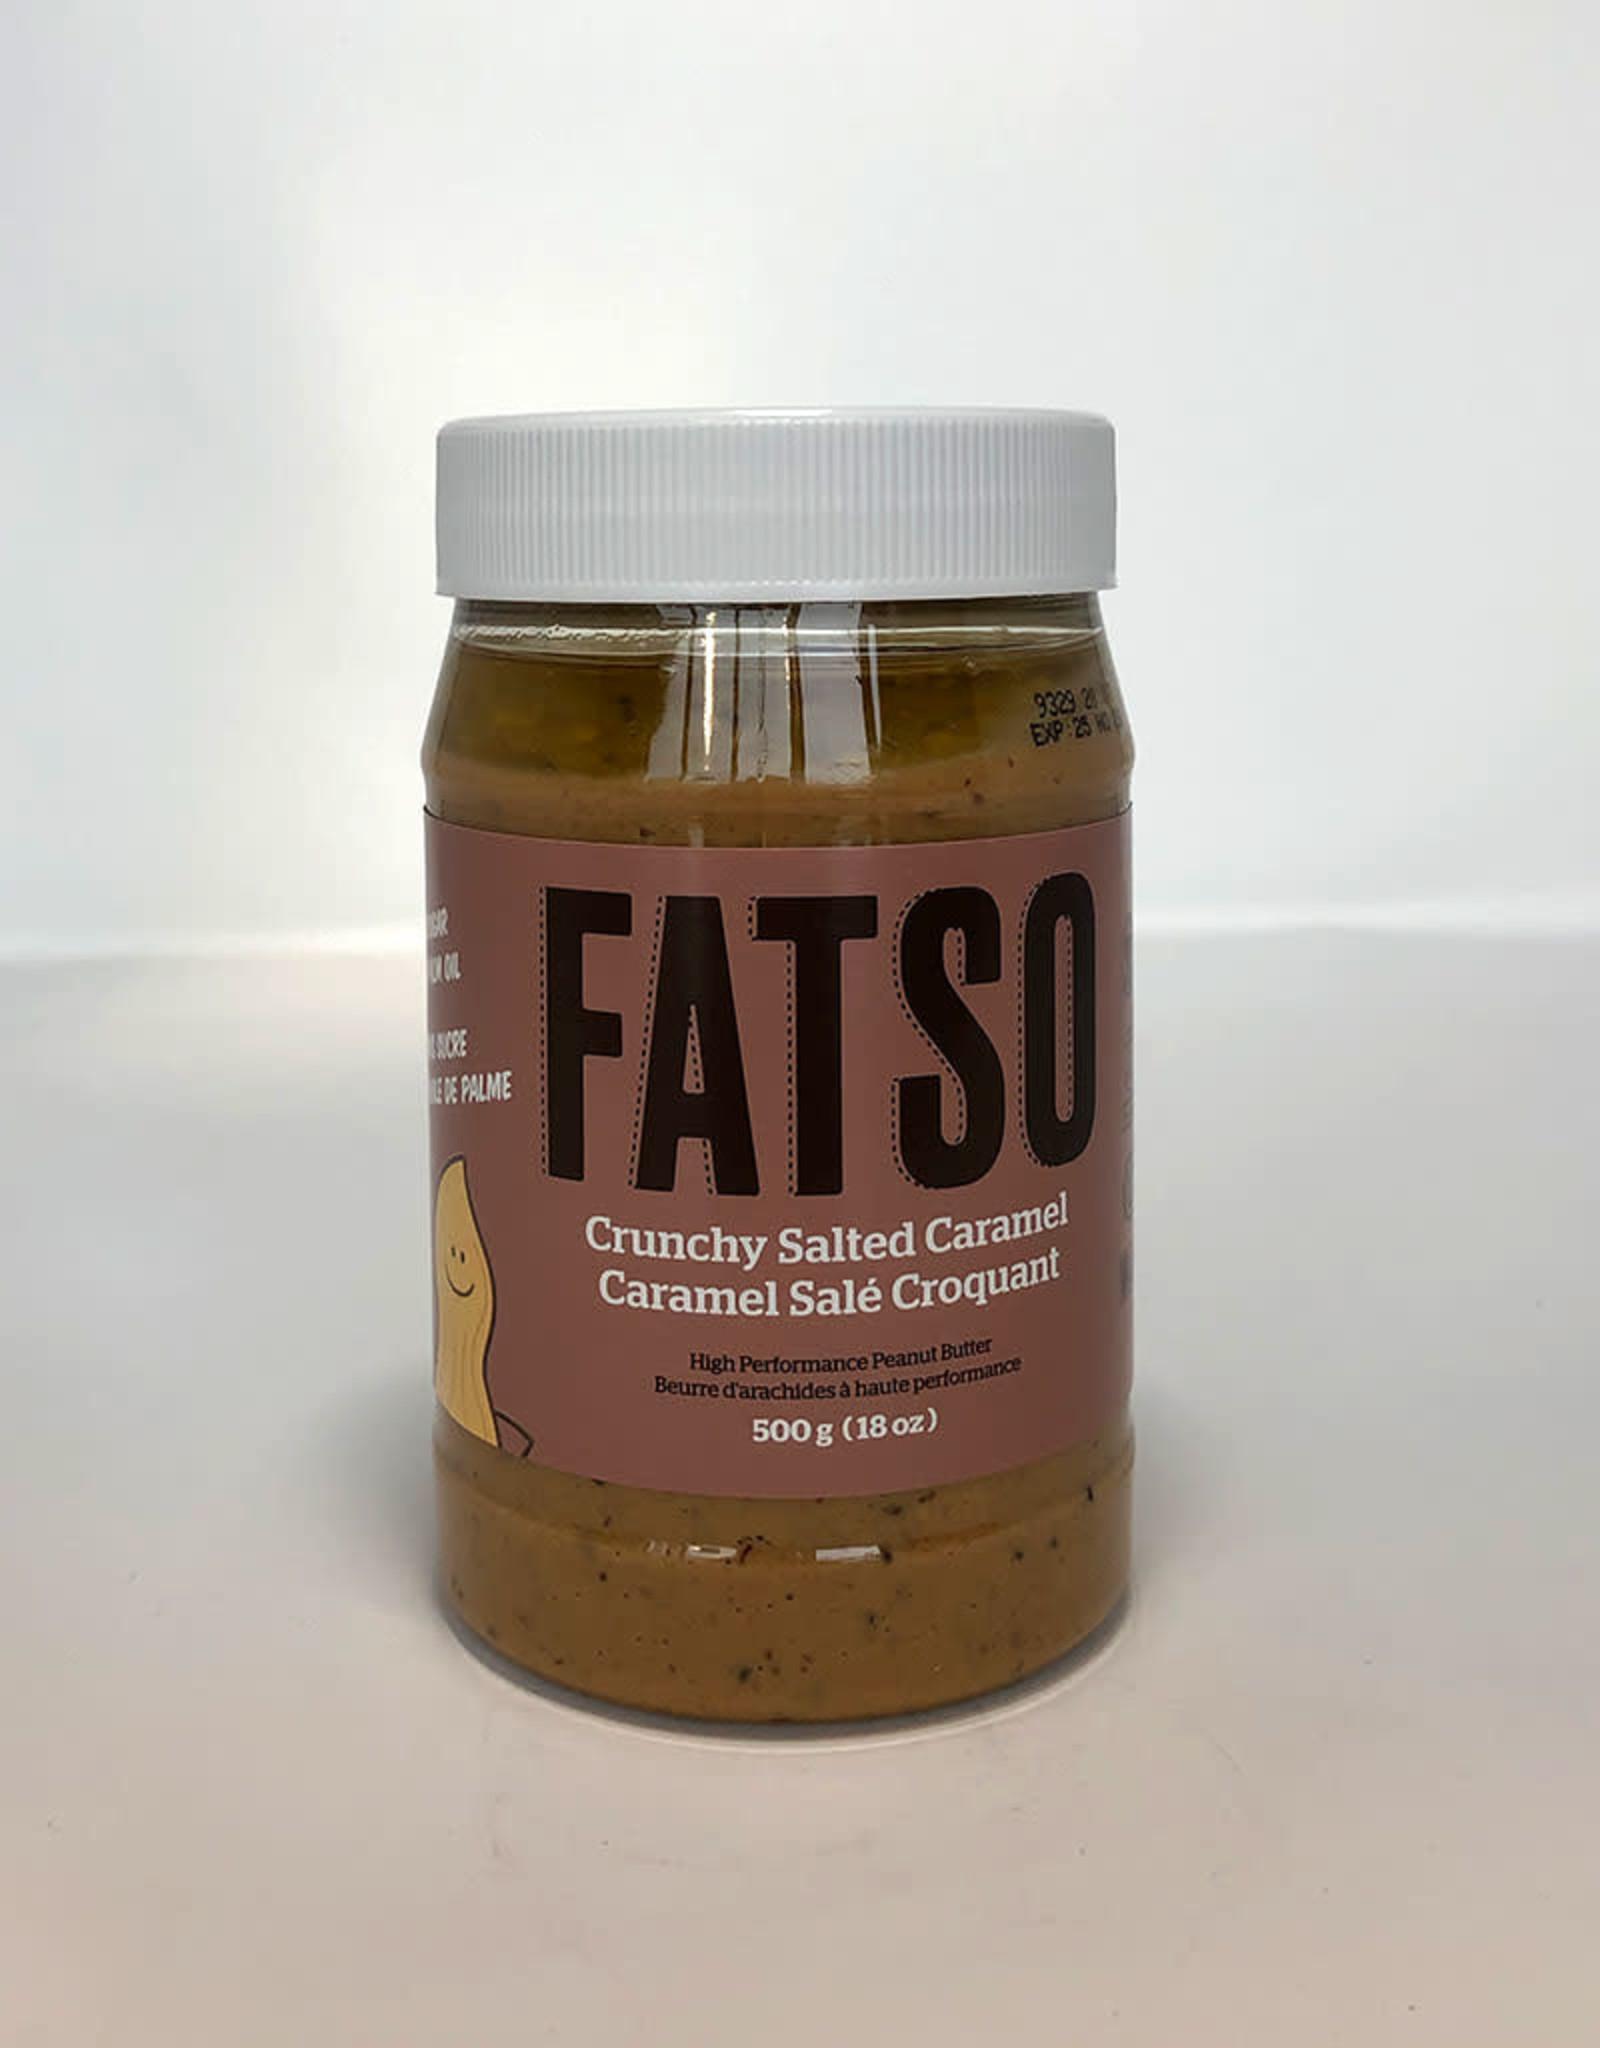 Fatso Fatso - Peanut Butter, Crunchy Salted Caramel